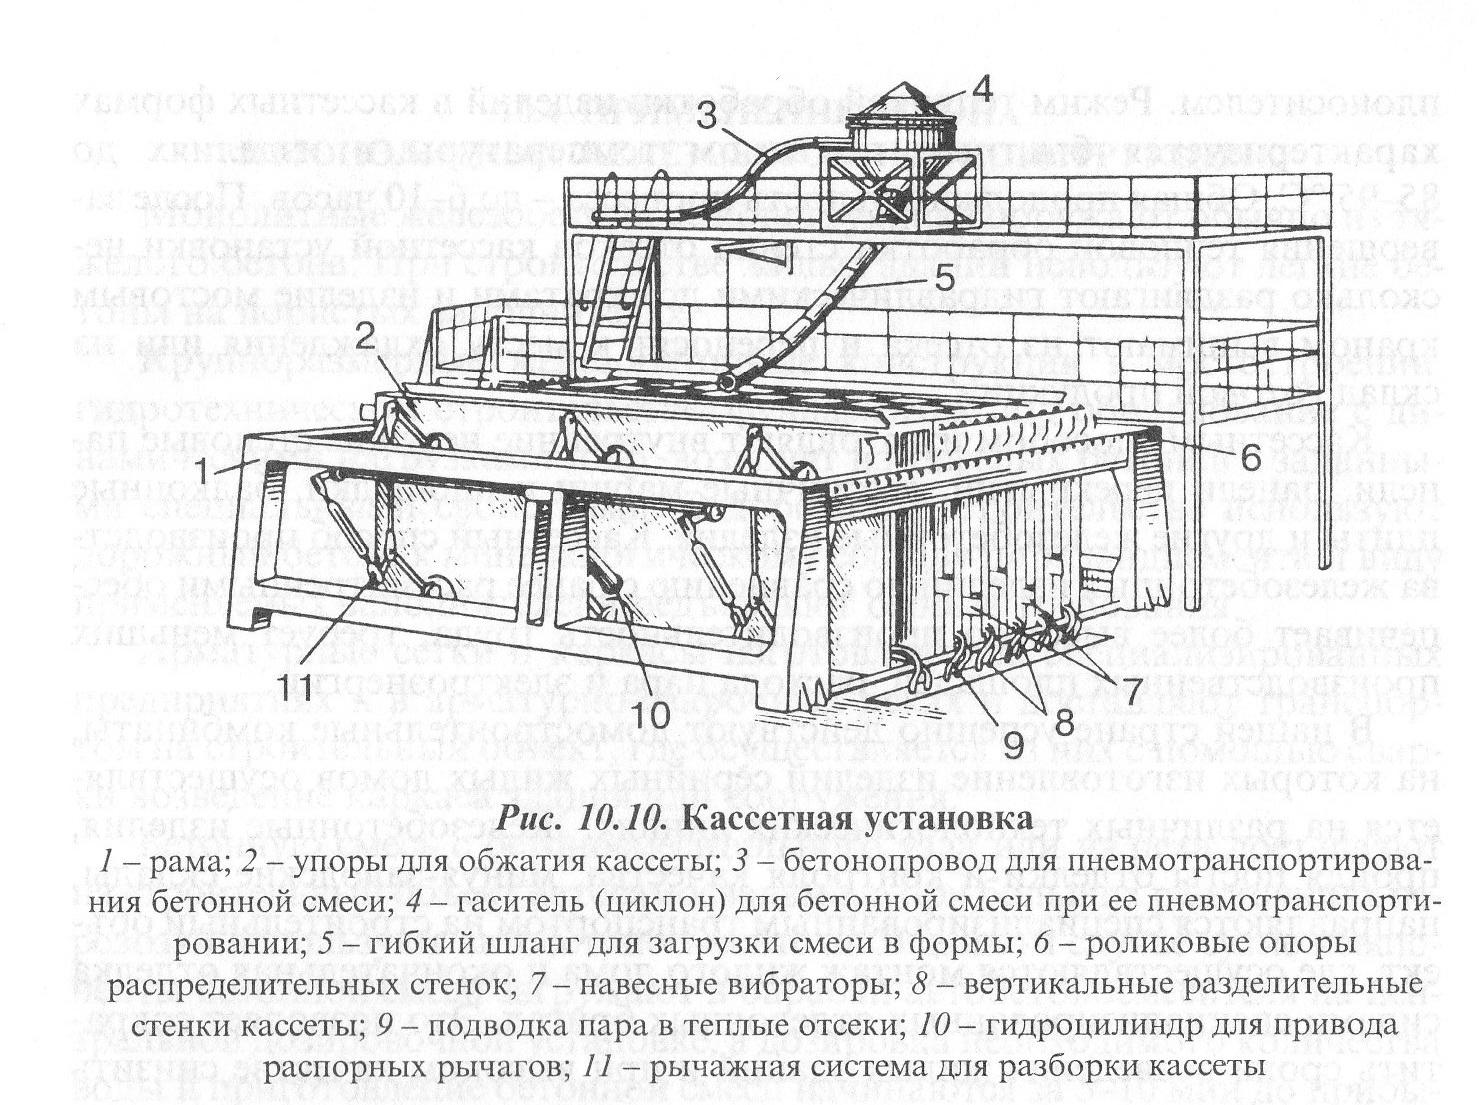 Стендовая технология изготовления жби ратиборец на жби